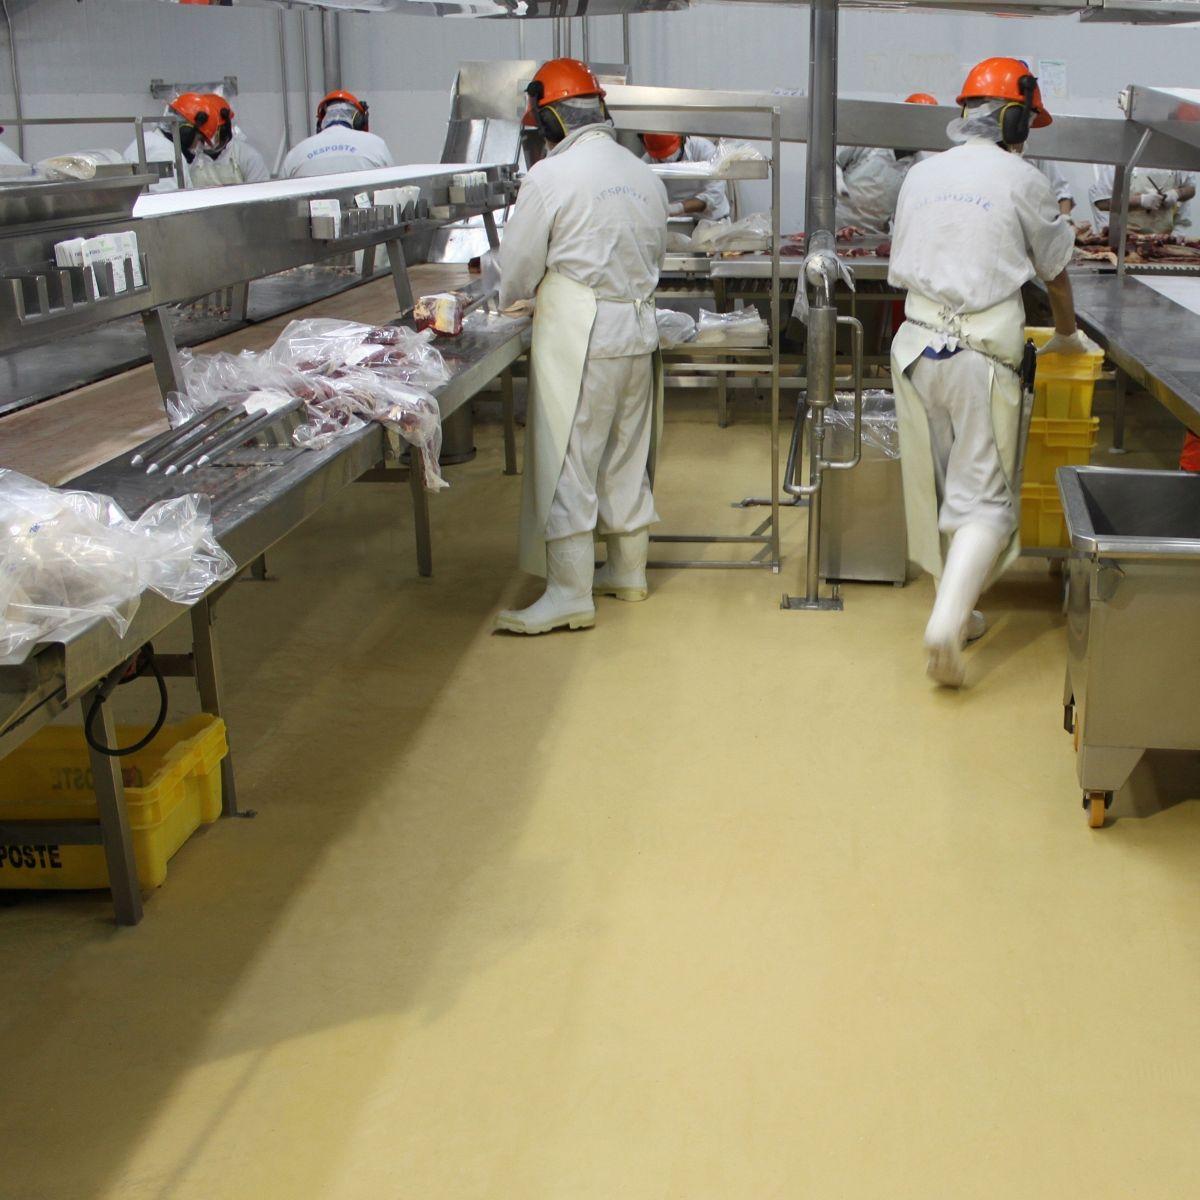 Slip Resistant Flooring In Food